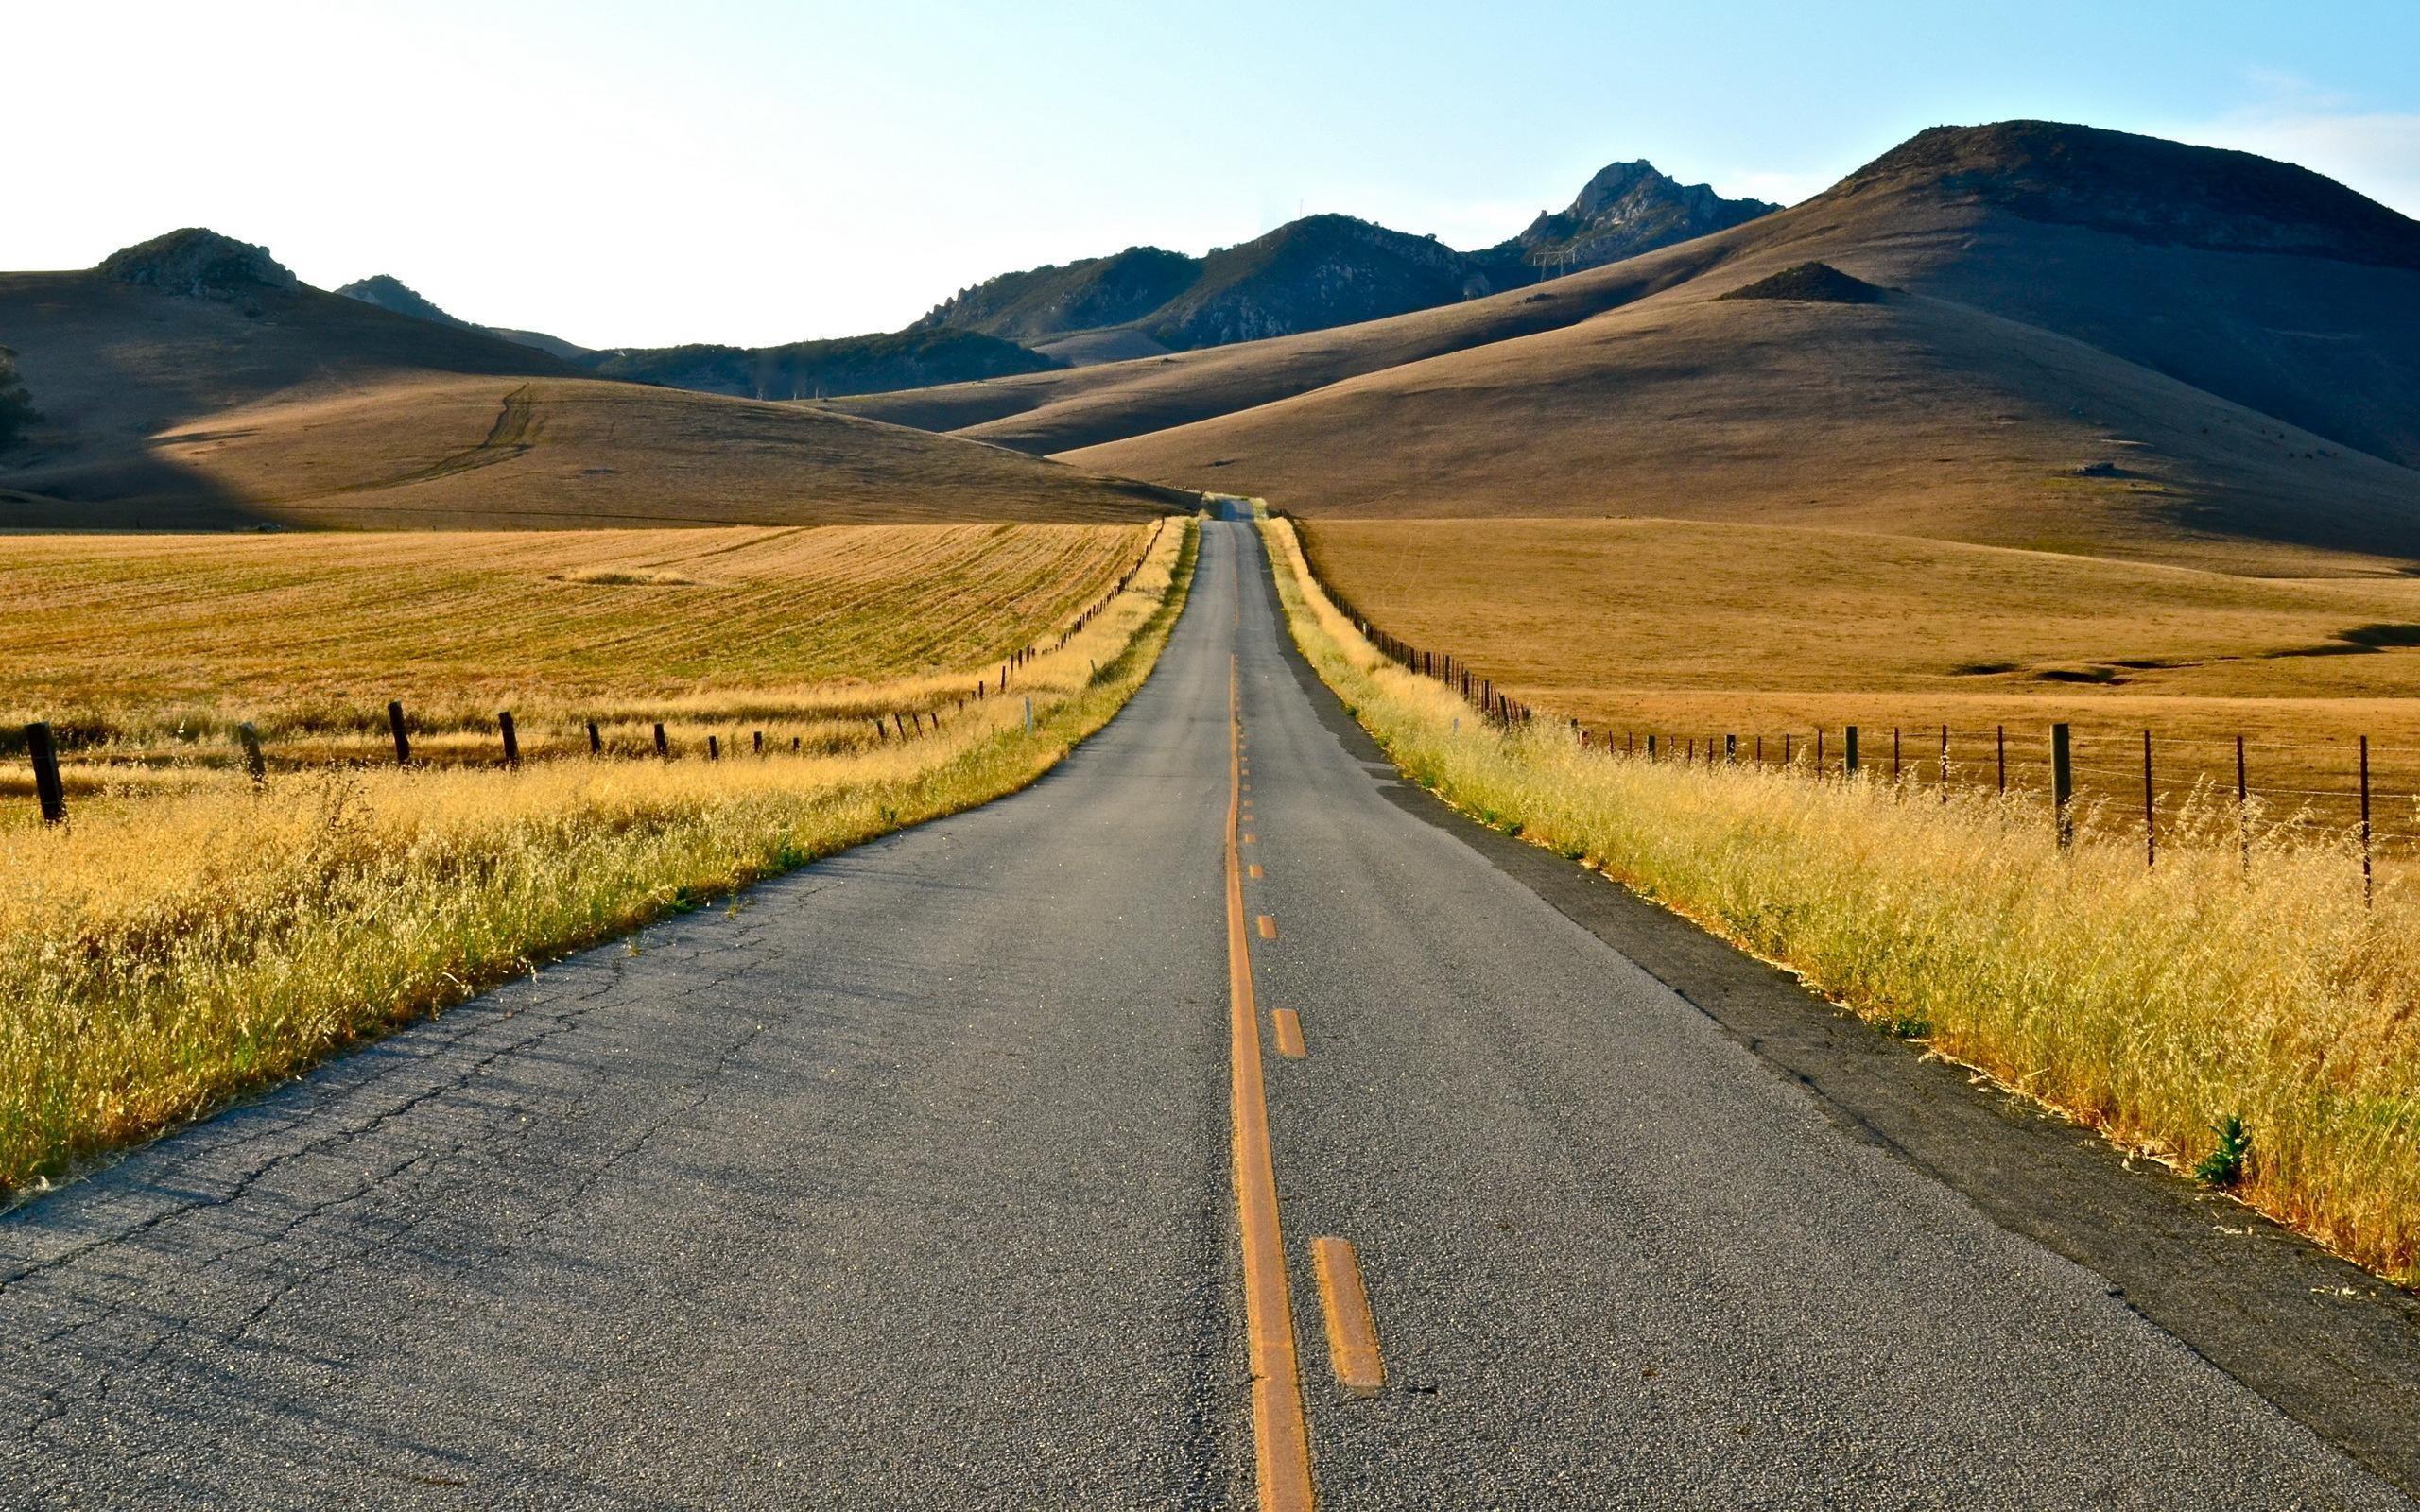 Res: 2560x1600, Road Landscape Summer Background